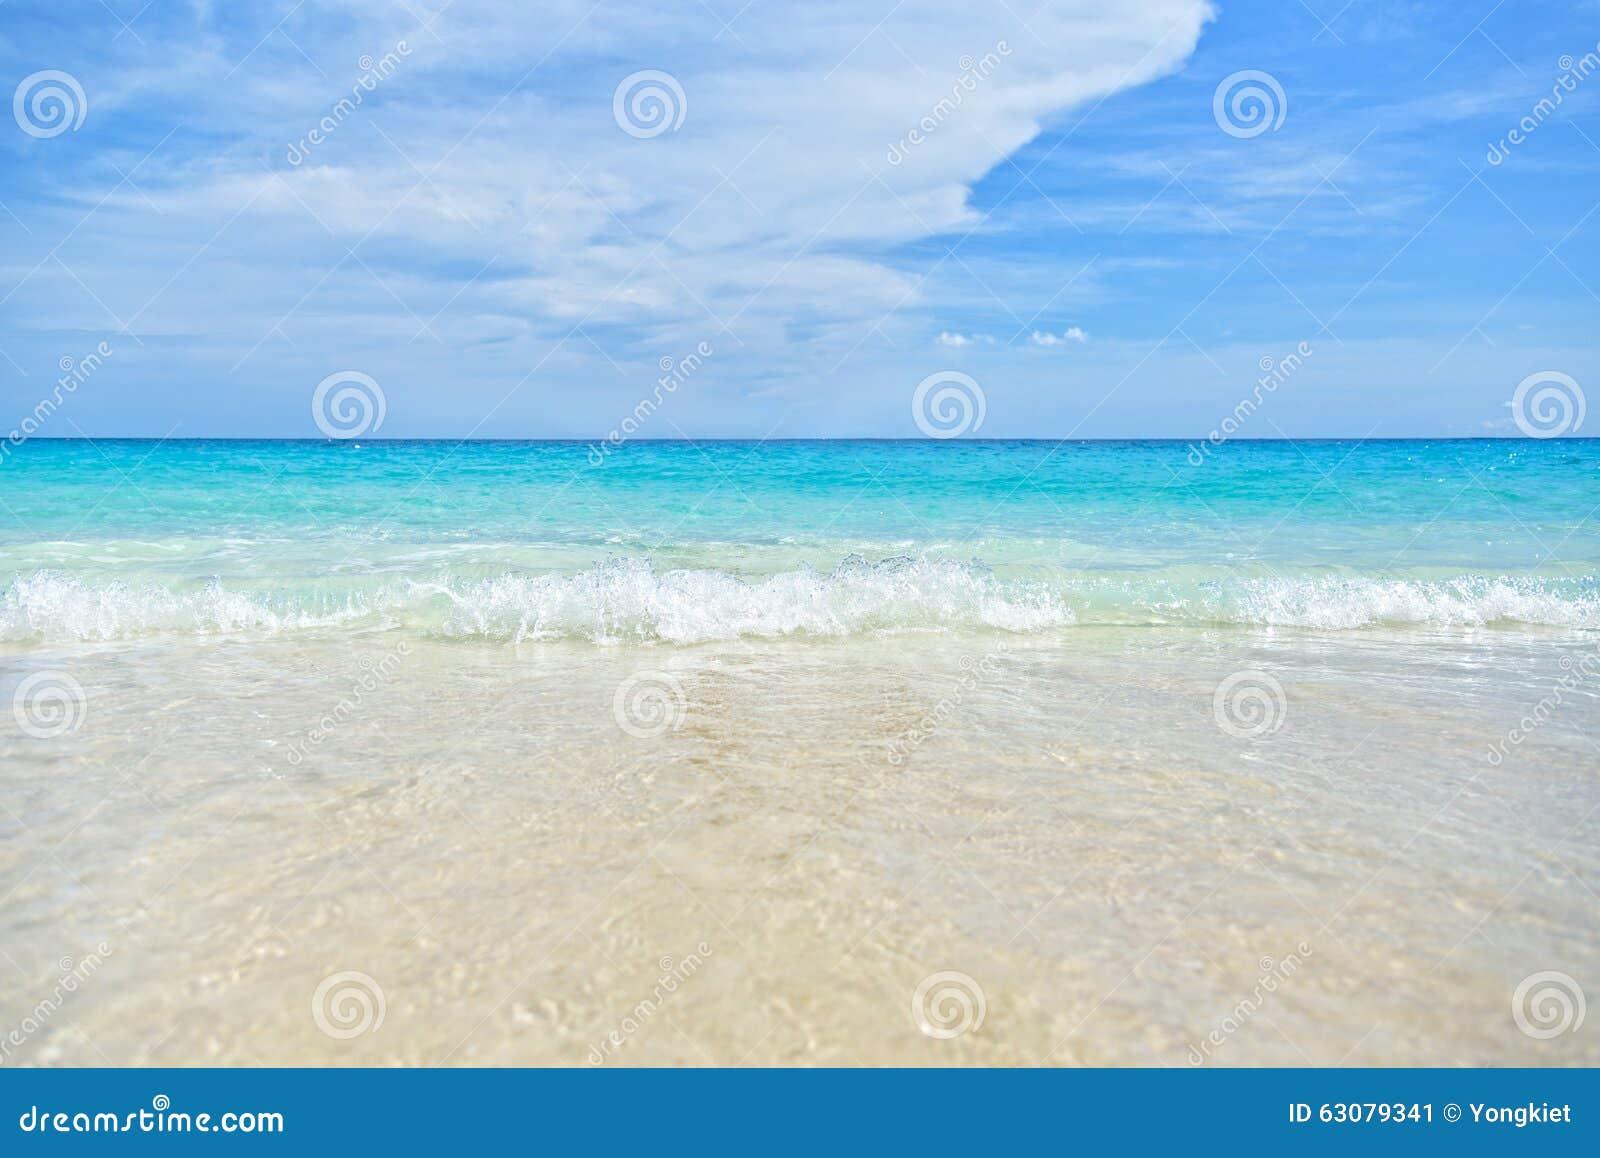 Download Fond de mer et de plage image stock. Image du paysage - 63079341